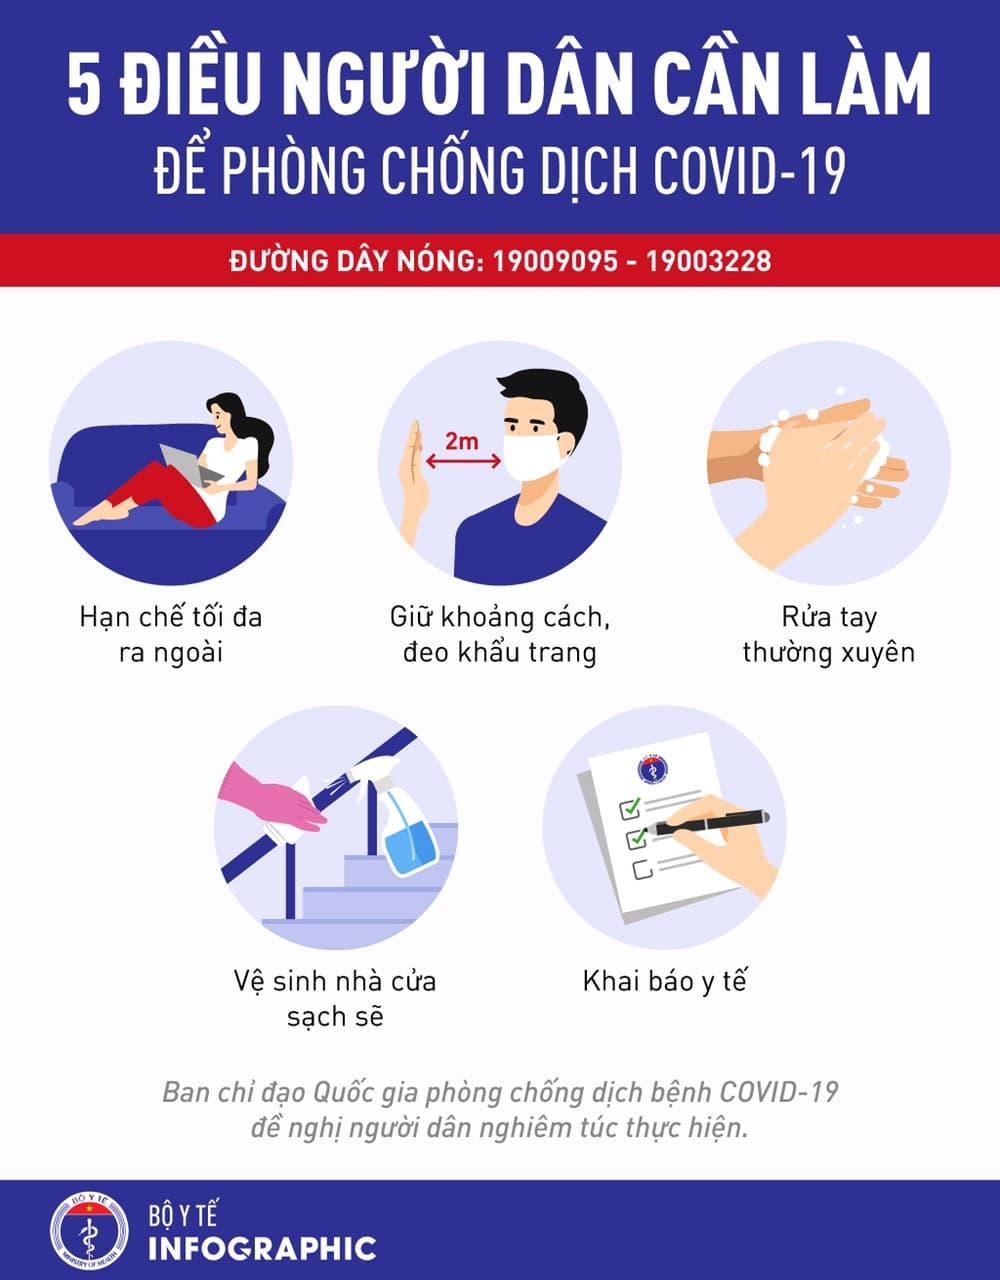 Biện pháp bảo vệ bản thân và người khác trong mùa dịch COVID-19